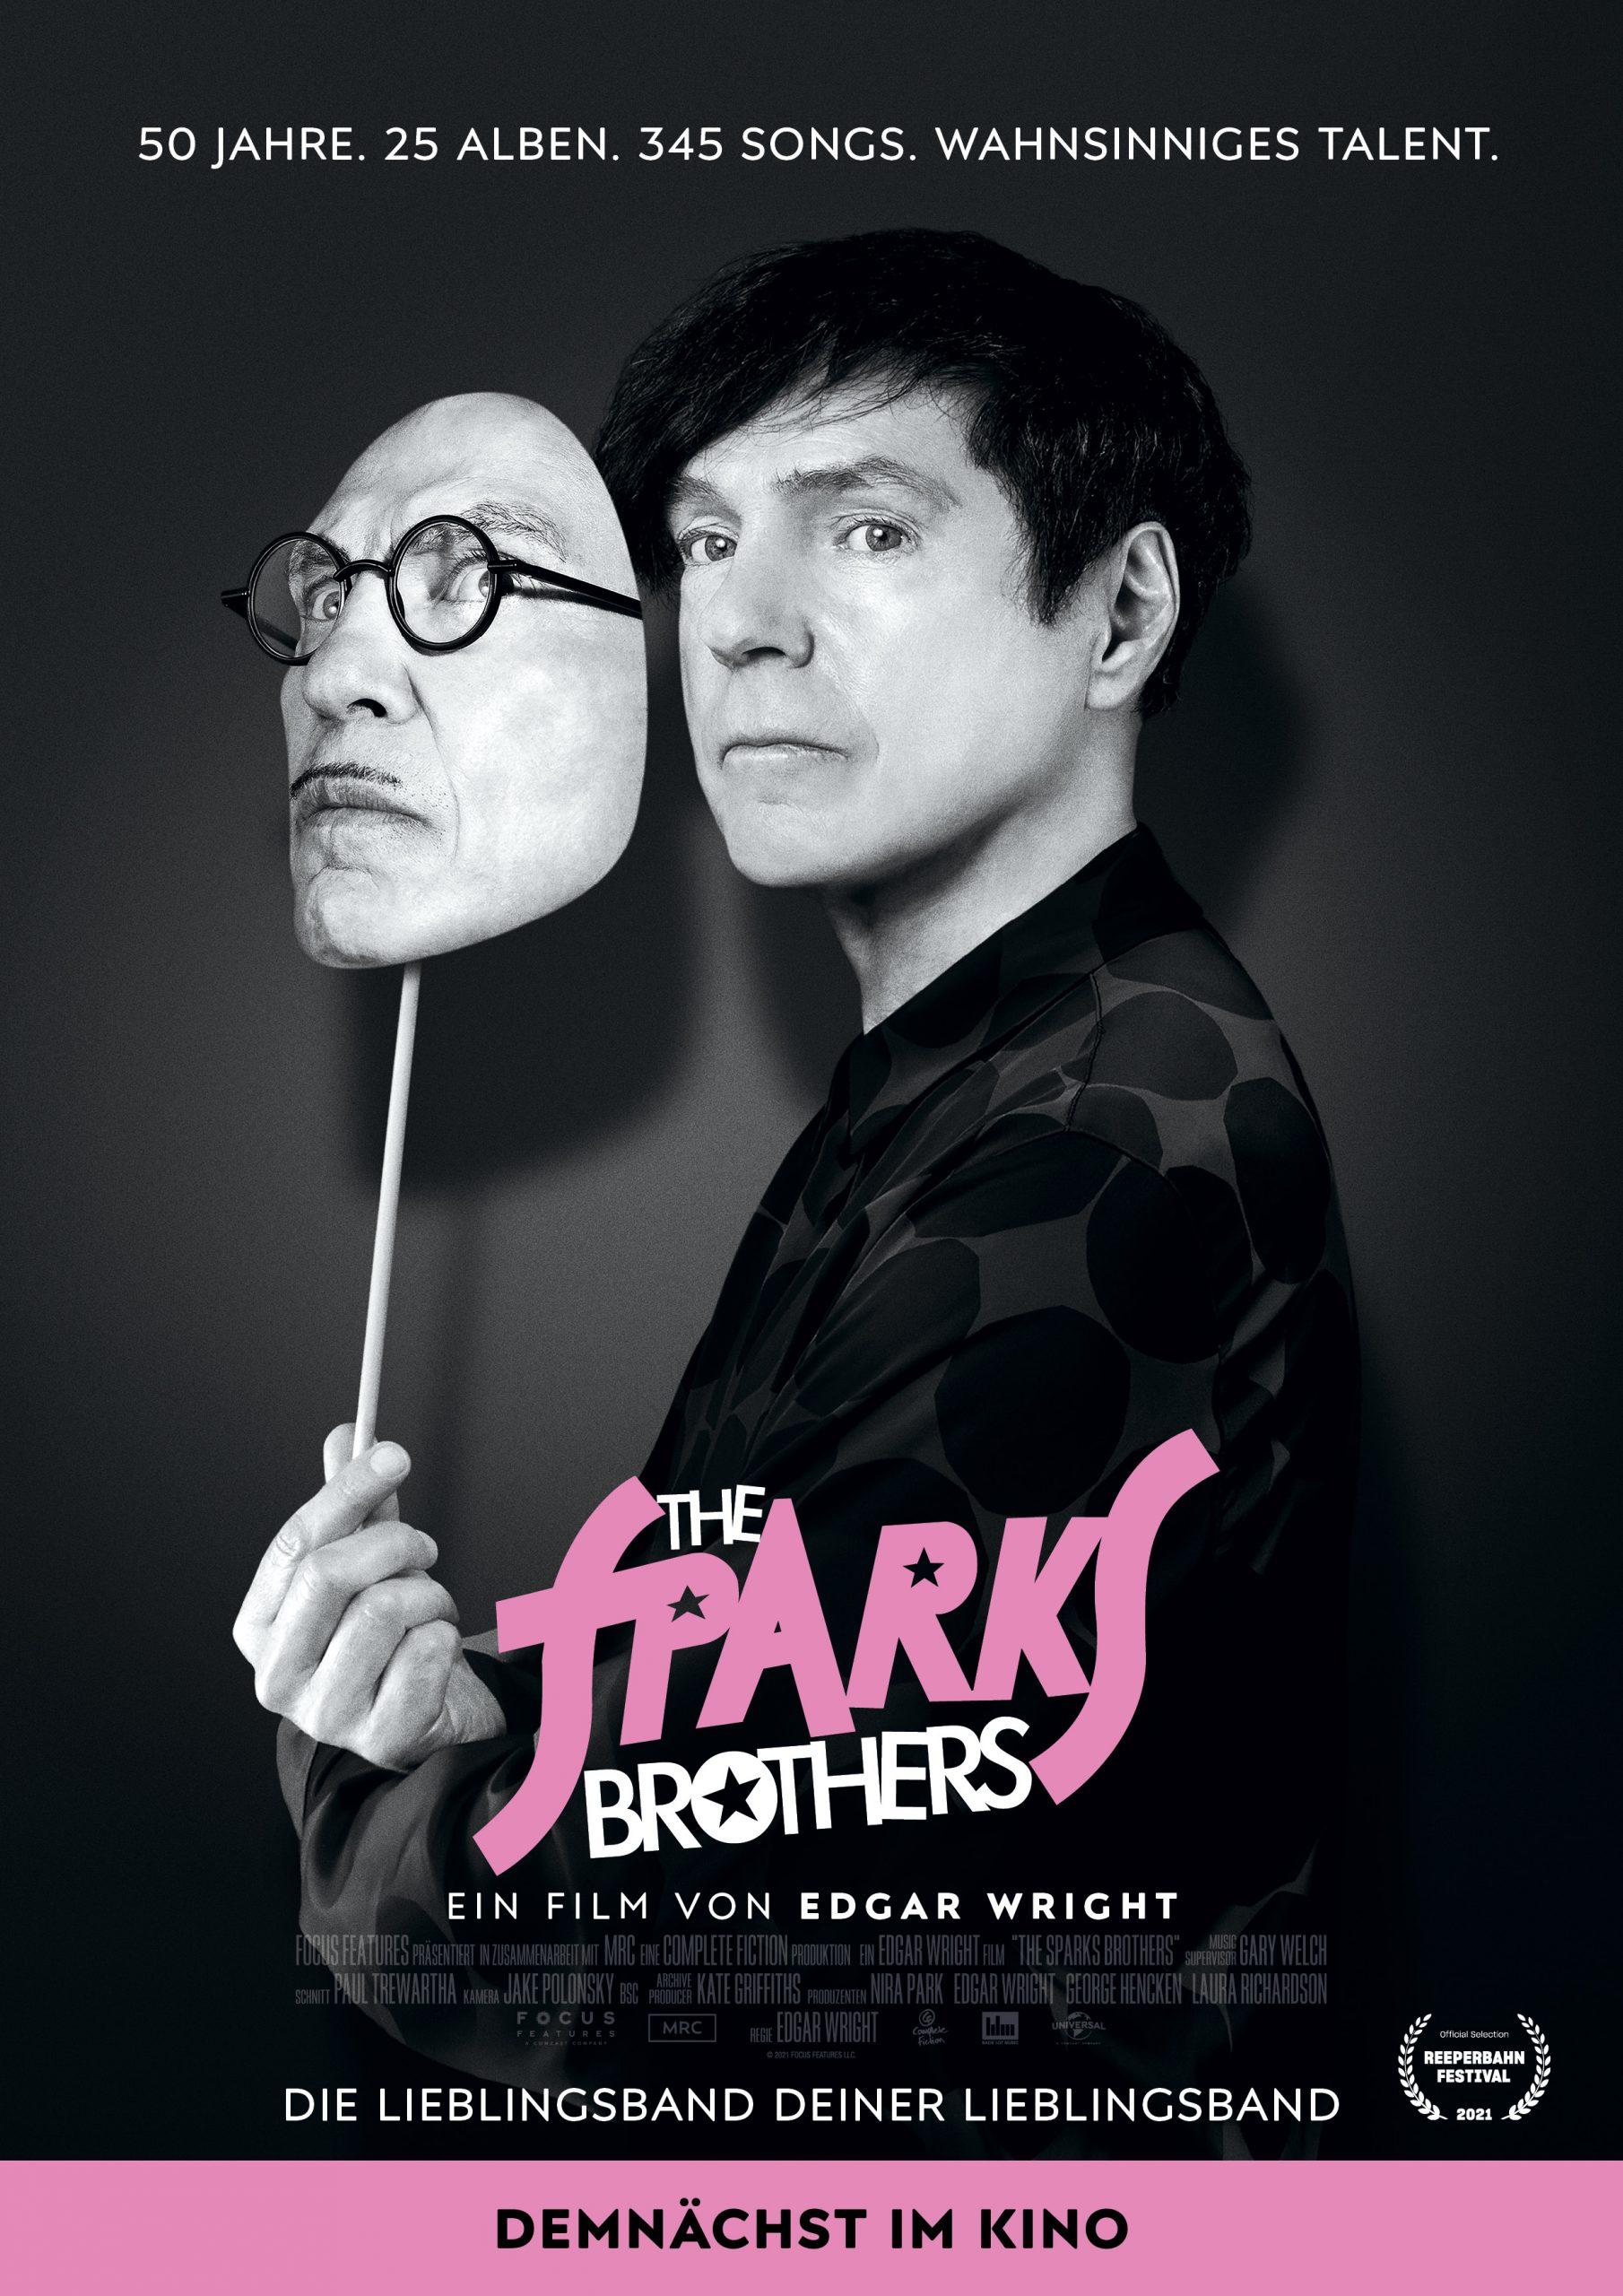 """Film Kritik: """"The Sparks Brothers"""" sind eine nicht aufzuhaltende Absurdität"""